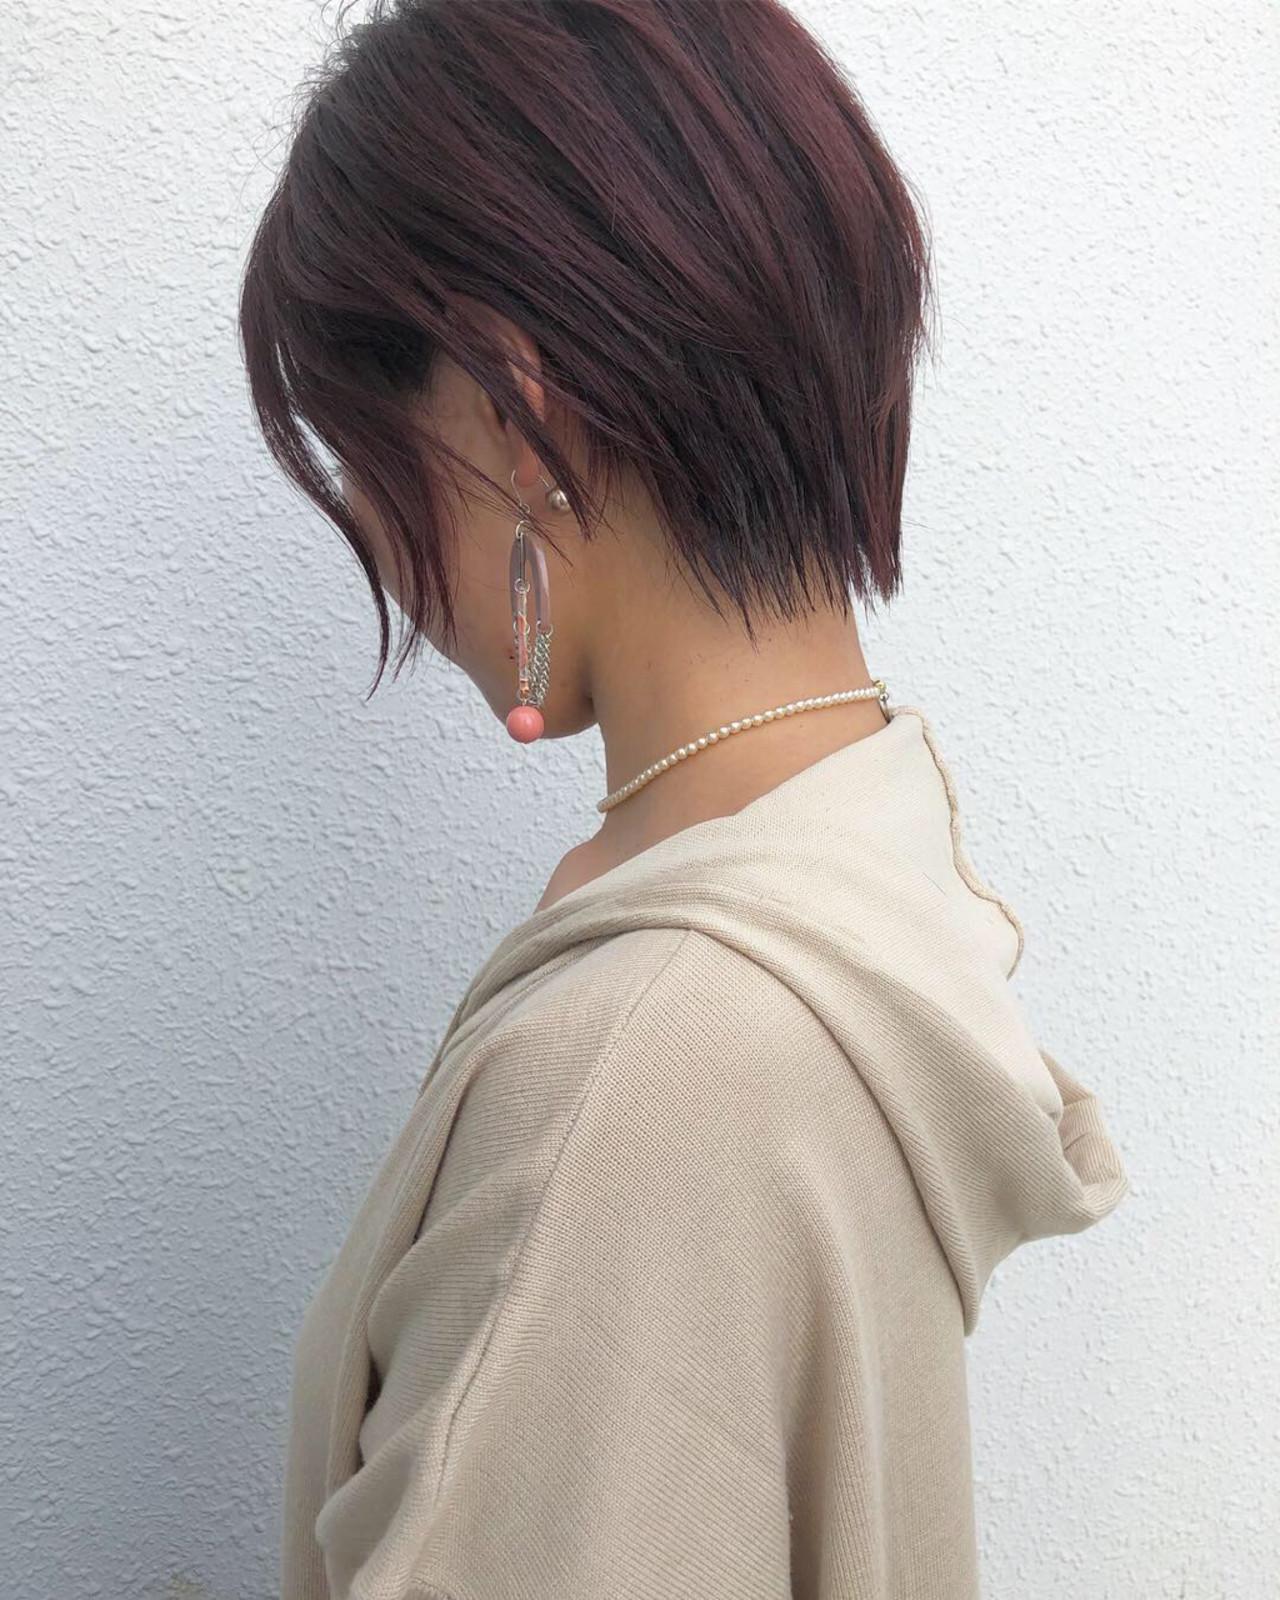 ナチュラル ボブ ショート 大人女子 ヘアスタイルや髪型の写真・画像 | ヒロナガ ツヨシ / Lull